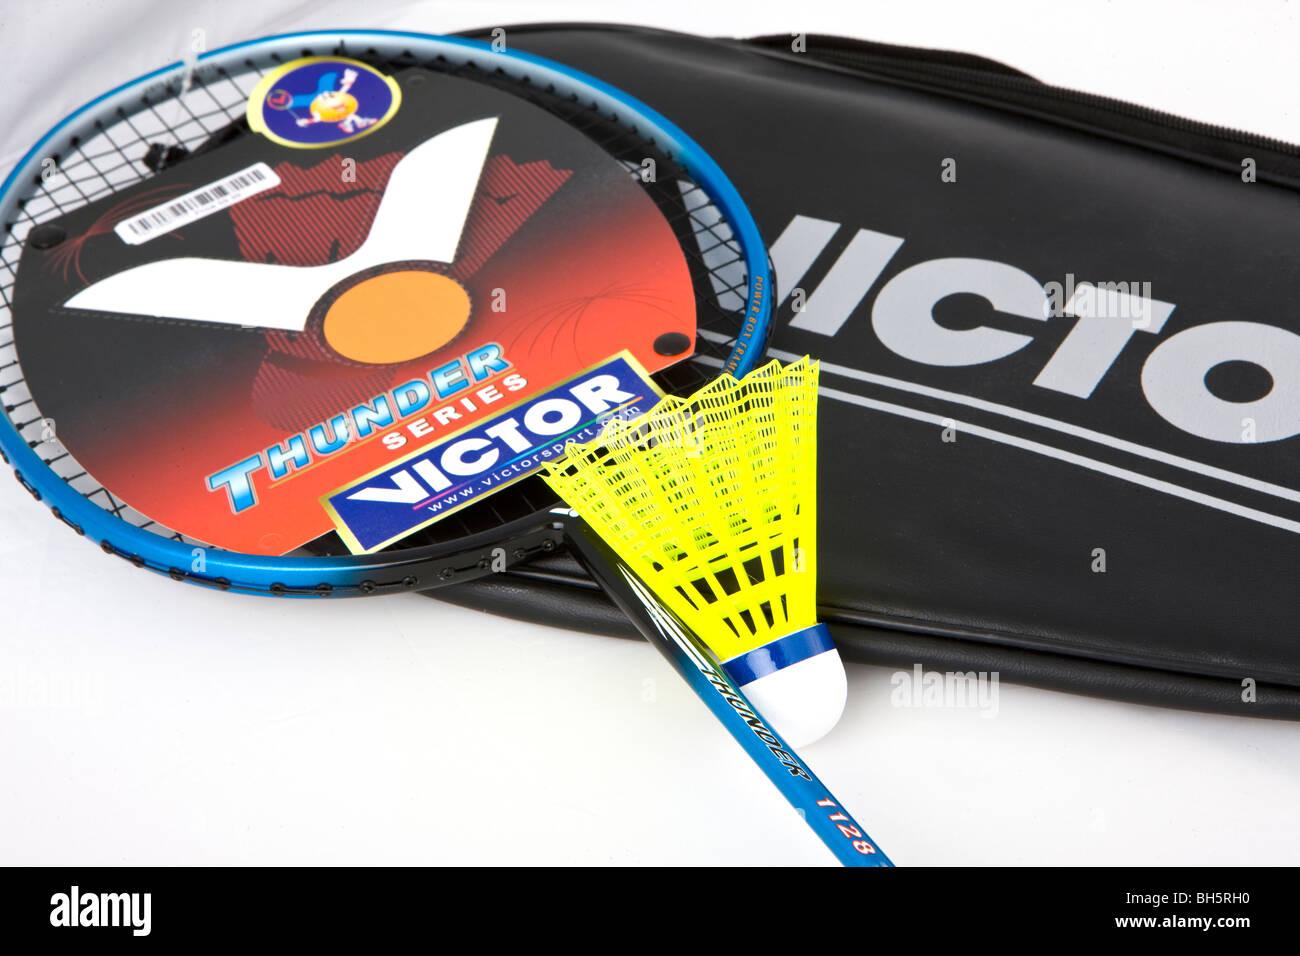 Raquette de badminton et volant tout nouveau Photo Stock